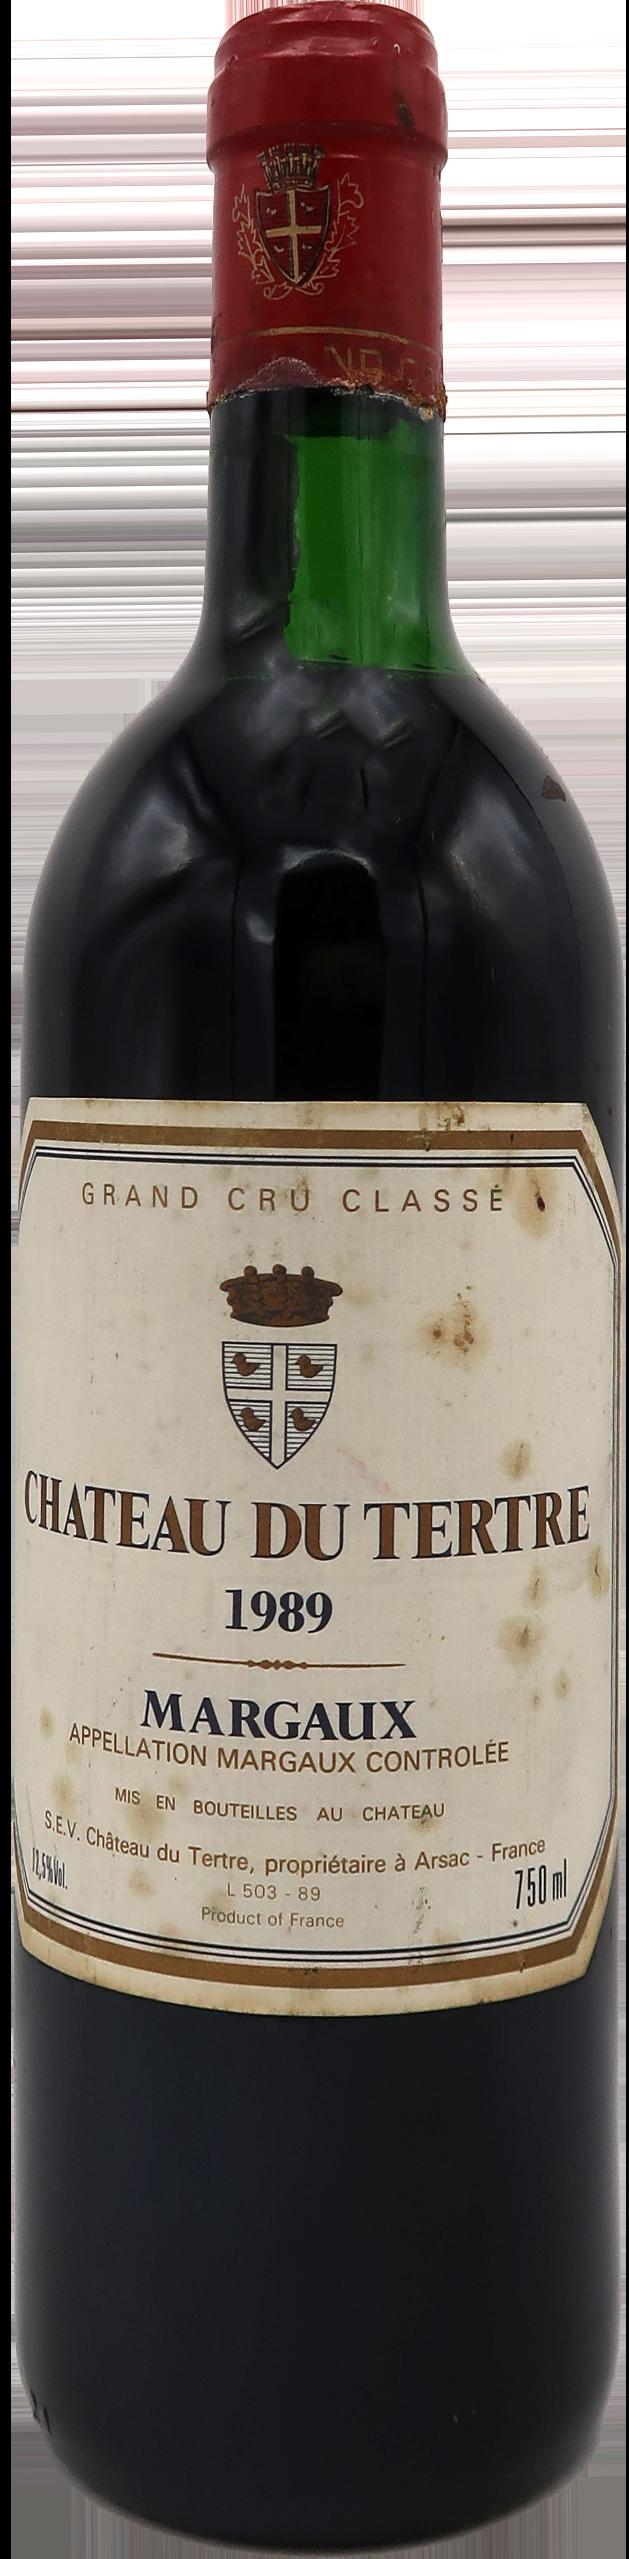 Château du Tertre 1989